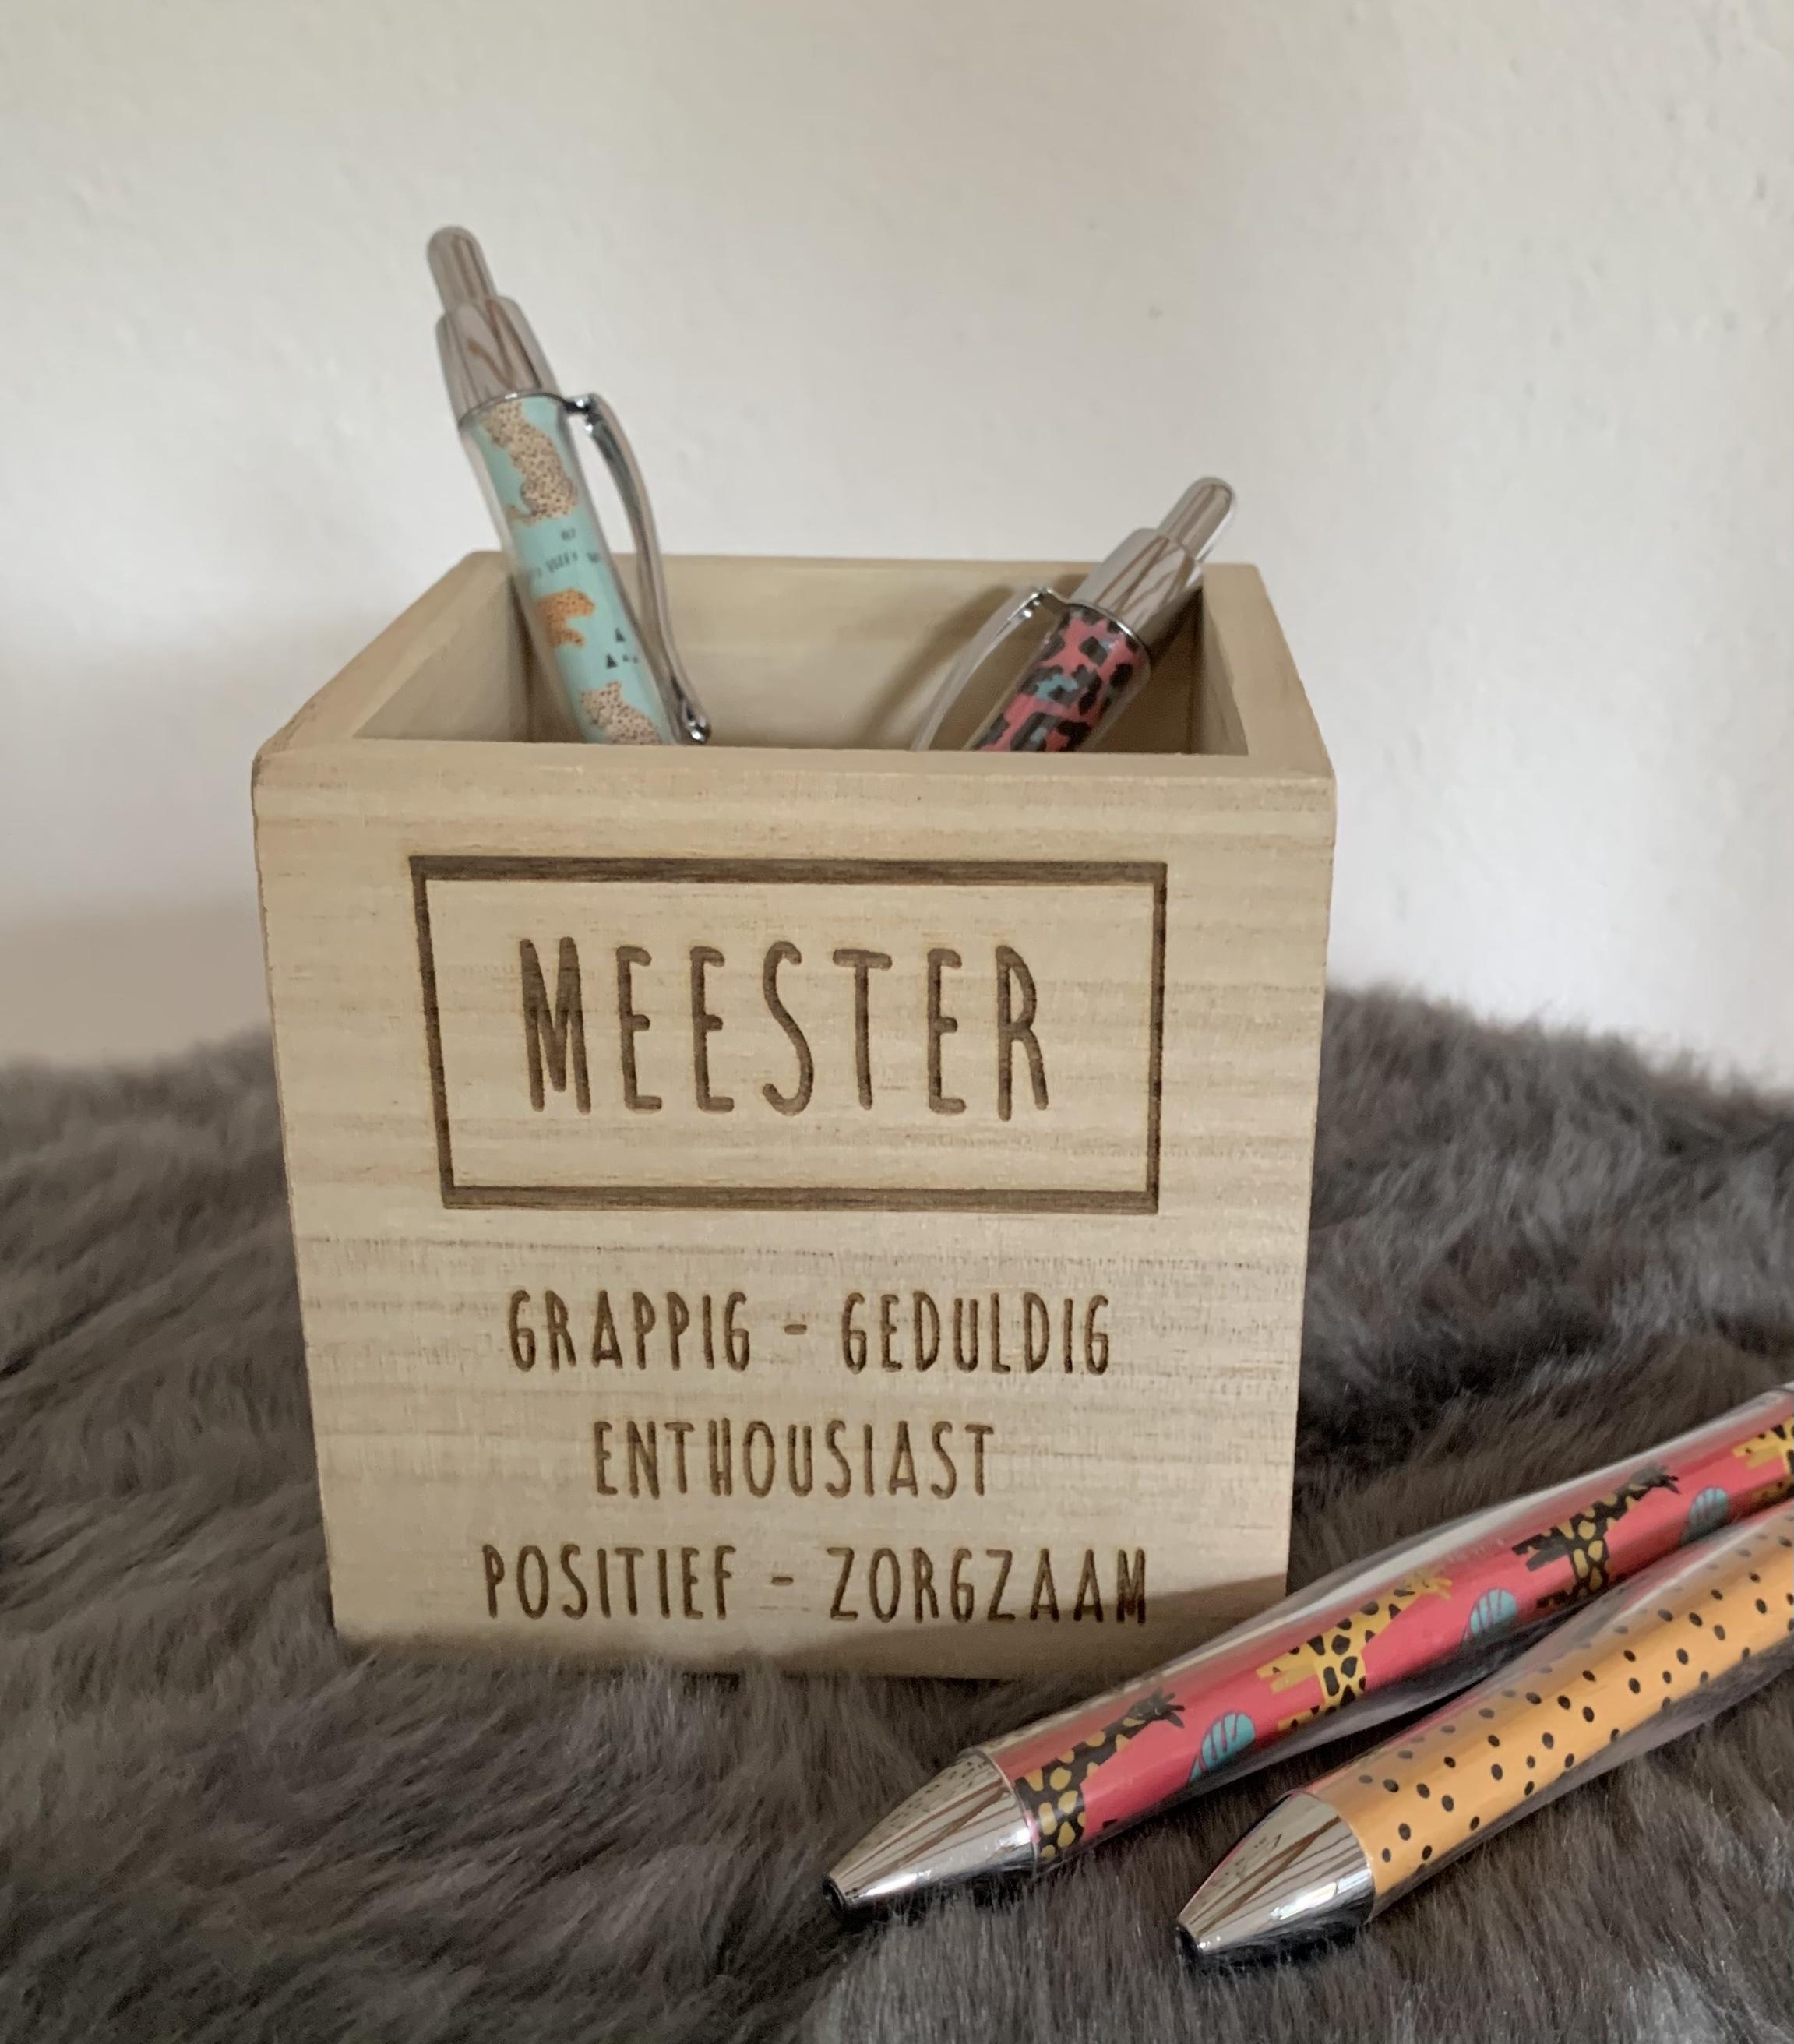 Pennenbakje met eigenschappen